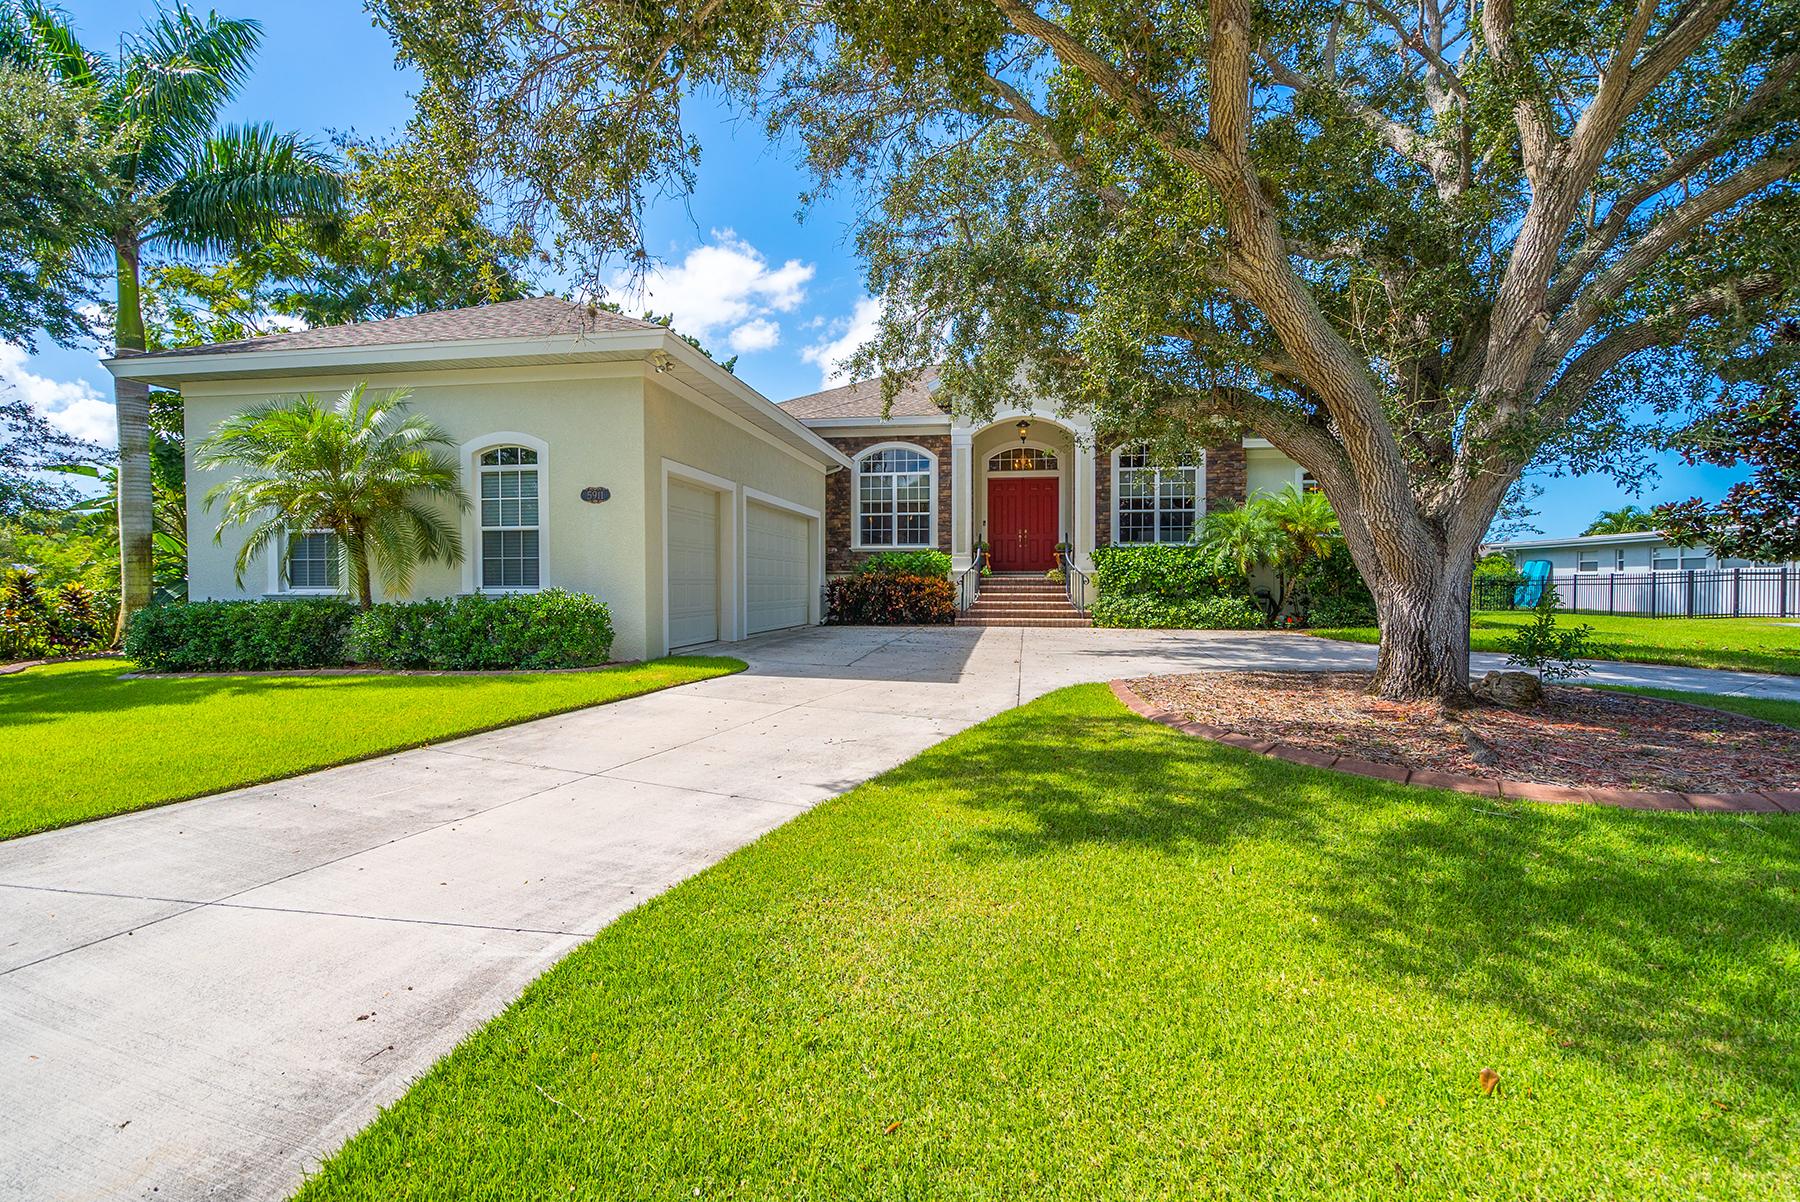 Casa Unifamiliar por un Venta en MANATEE RIVER REGION 5911 Riverview Blvd Bradenton, Florida, 34209 Estados Unidos